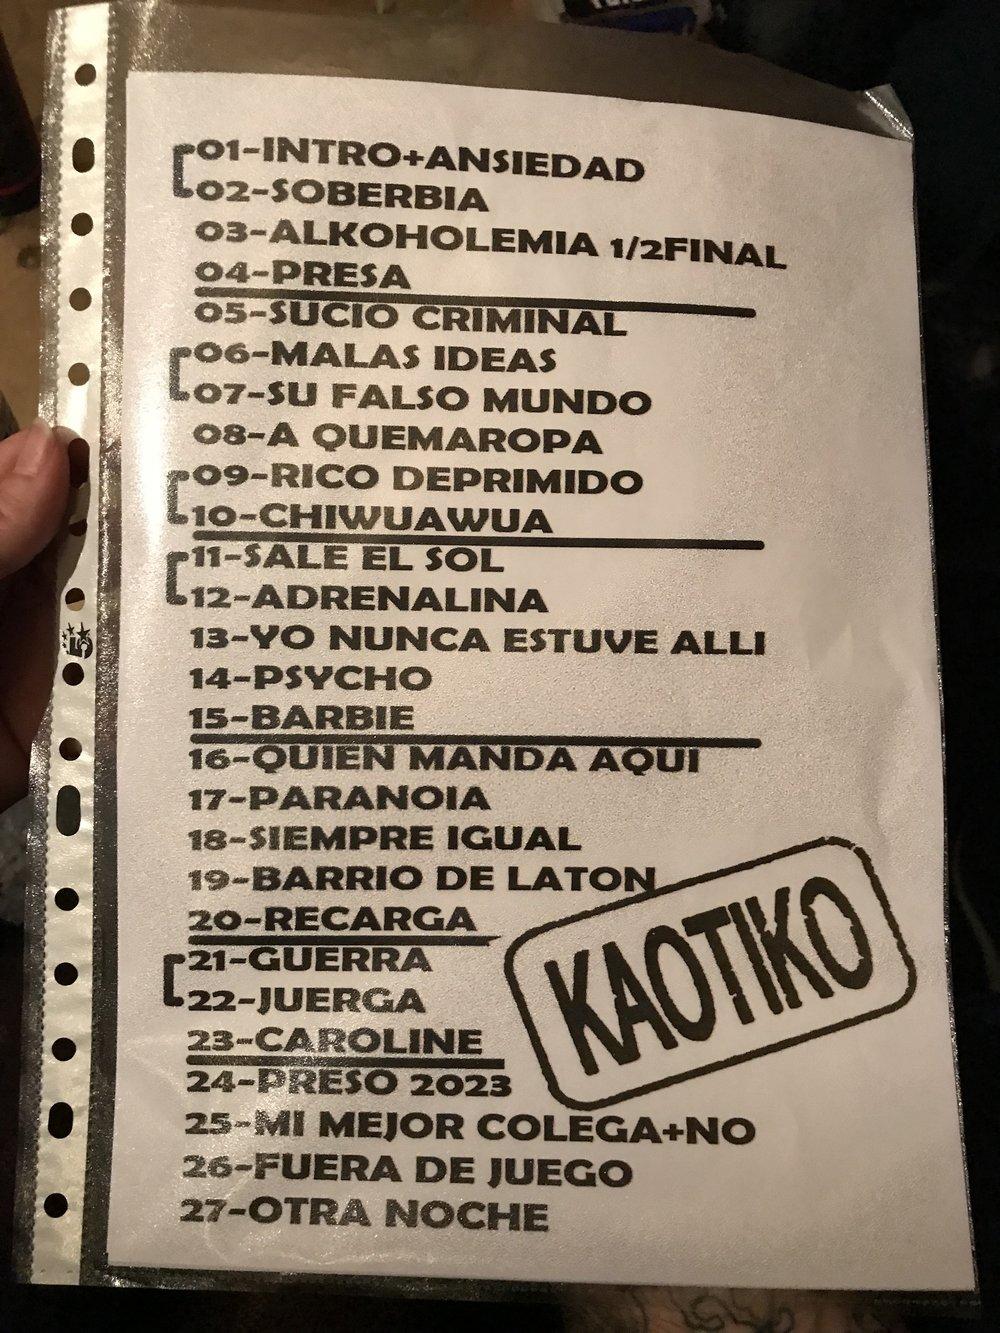 Set List -